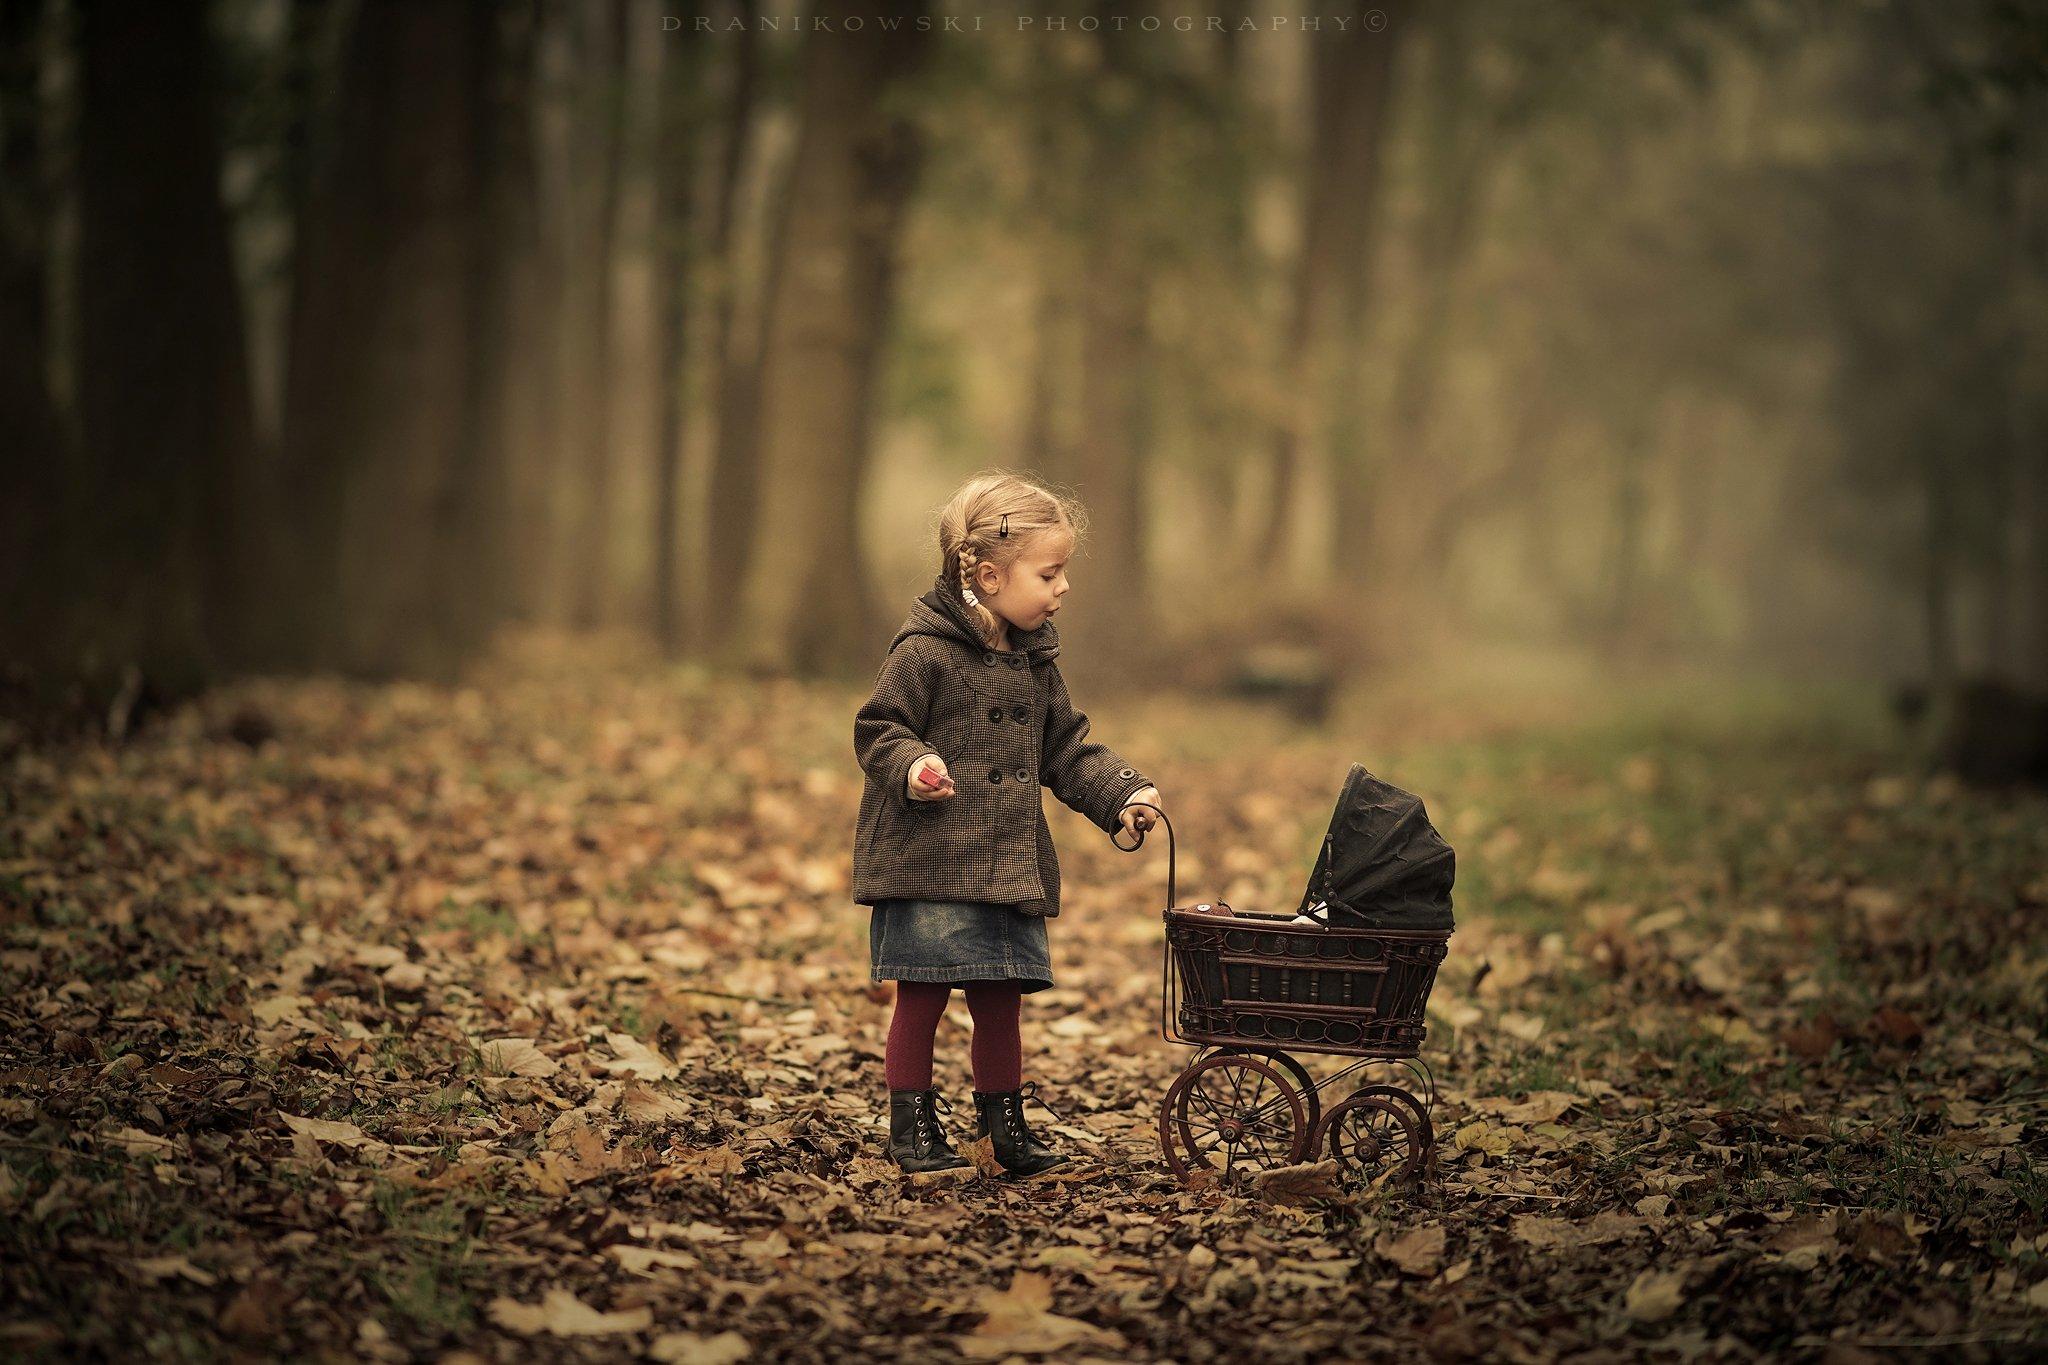 осенняя, колыбельная, autumn, lullaby, girl, cute, sweet, park, trees, leafs, foggy, mist, jesien, Radoslaw Dranikowski